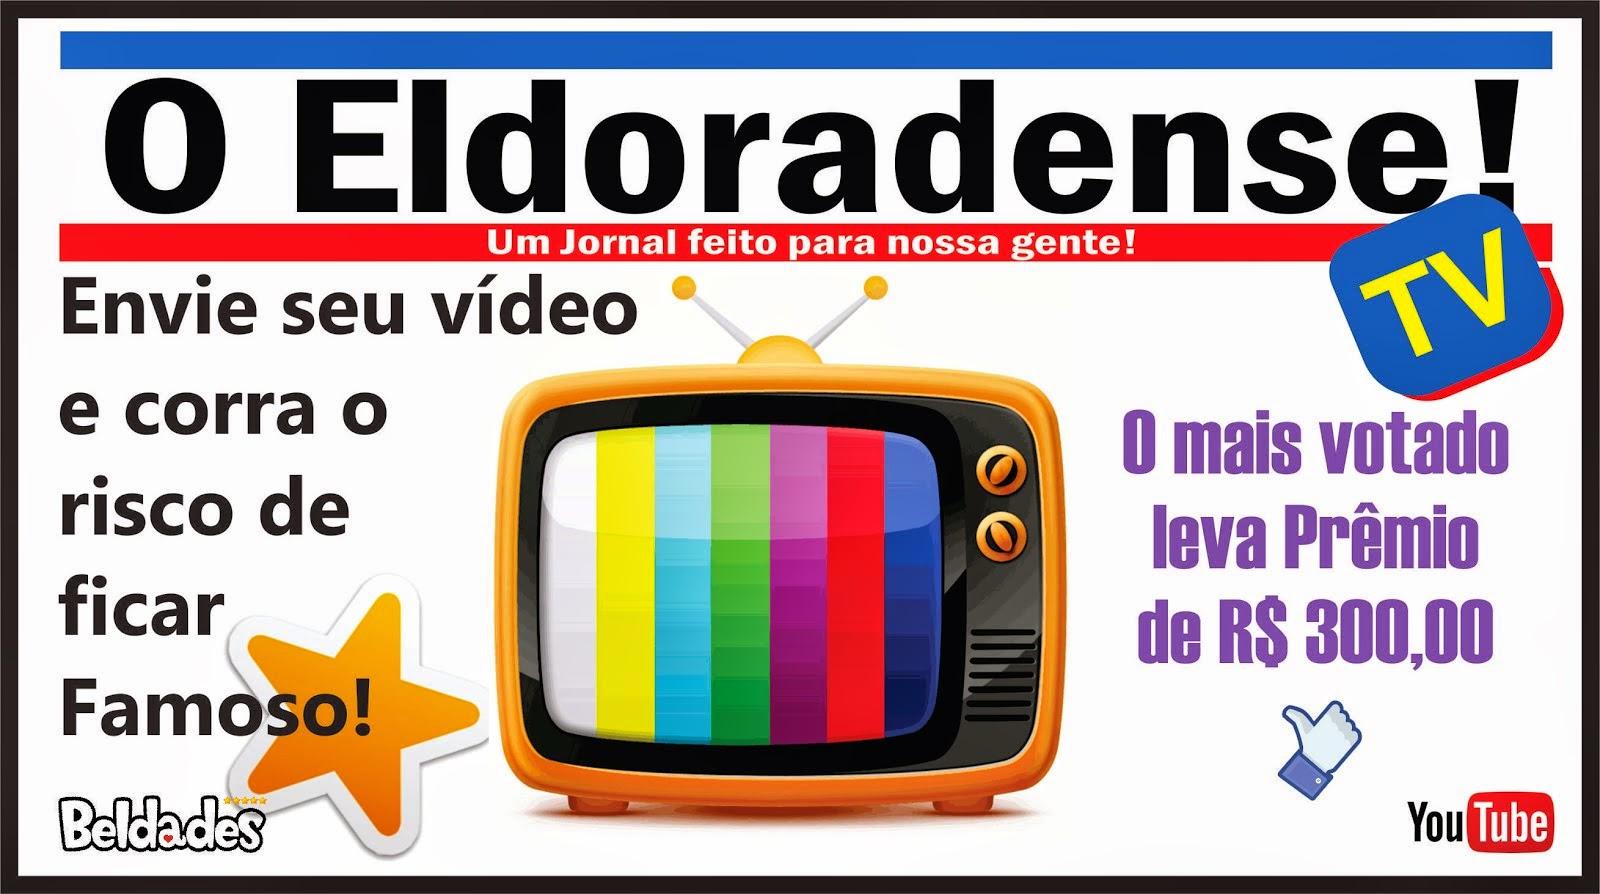 Grave e envie seu vídeo, fique famoso e corra o risco de ganhar R$ 300,00 ( Trezentos Reais )